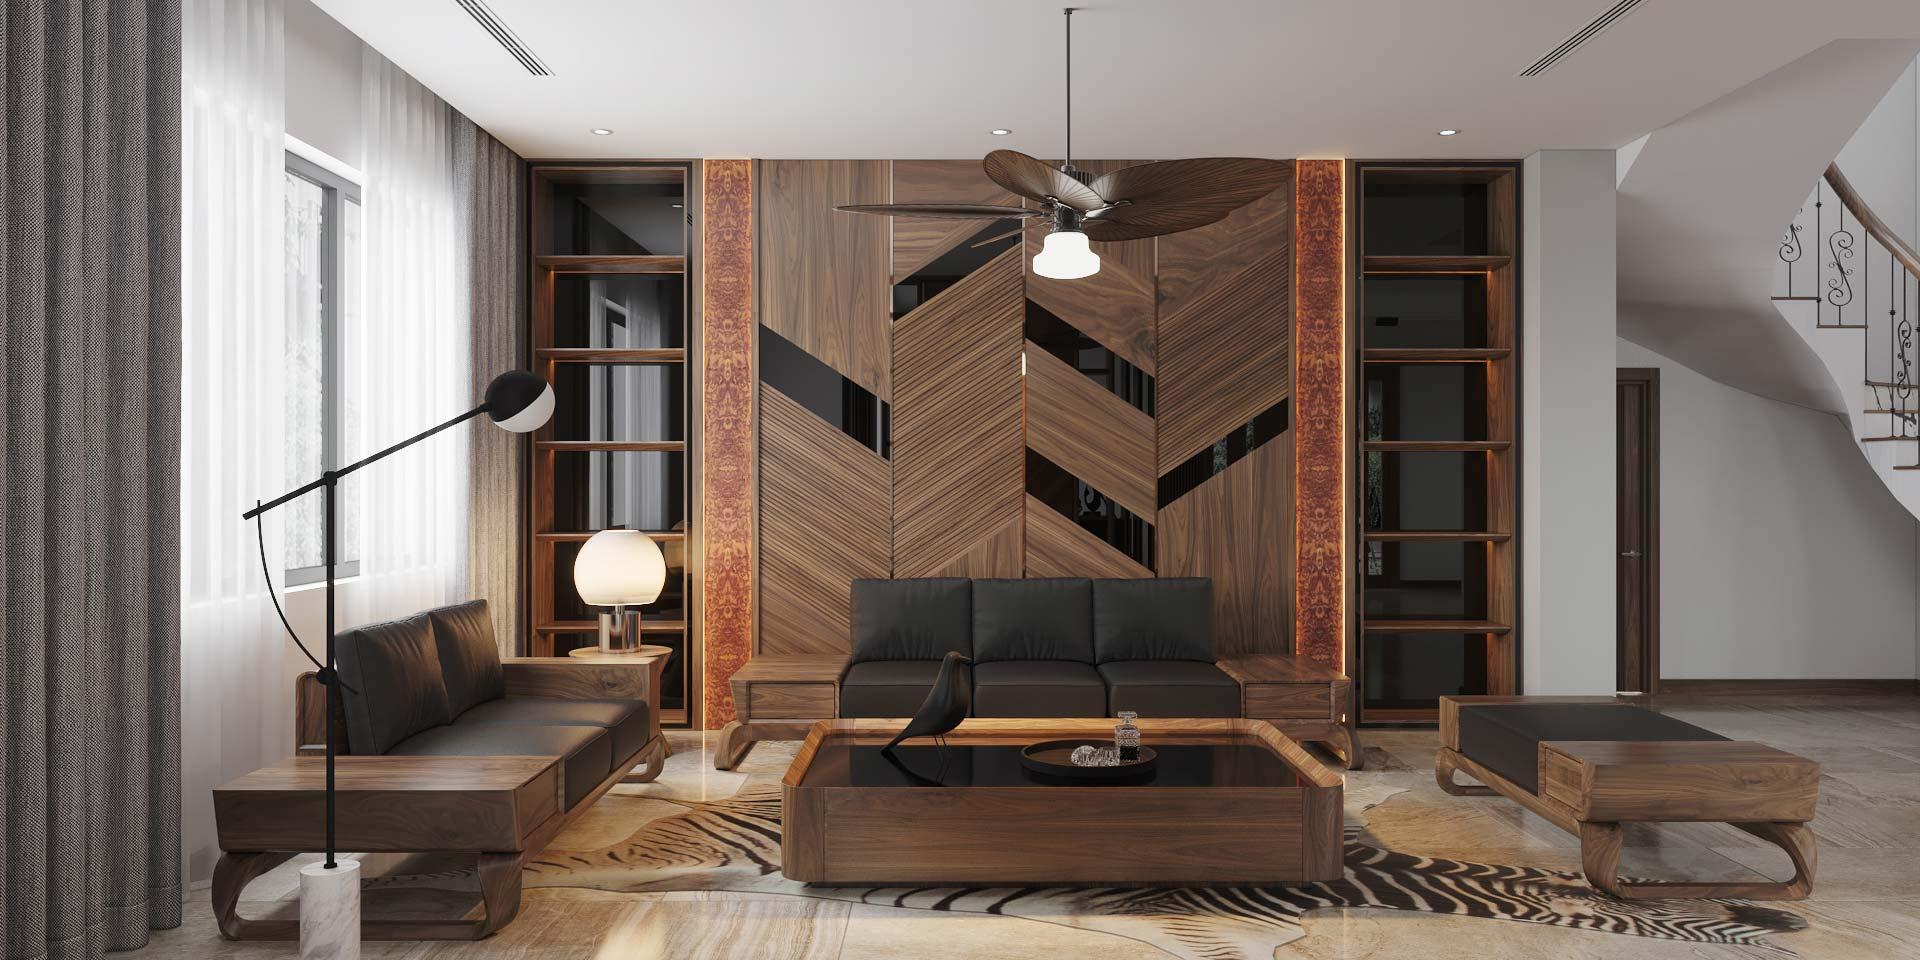 Thiết kế nội thất biệt thự, chung cư, nhà phố cao cấp